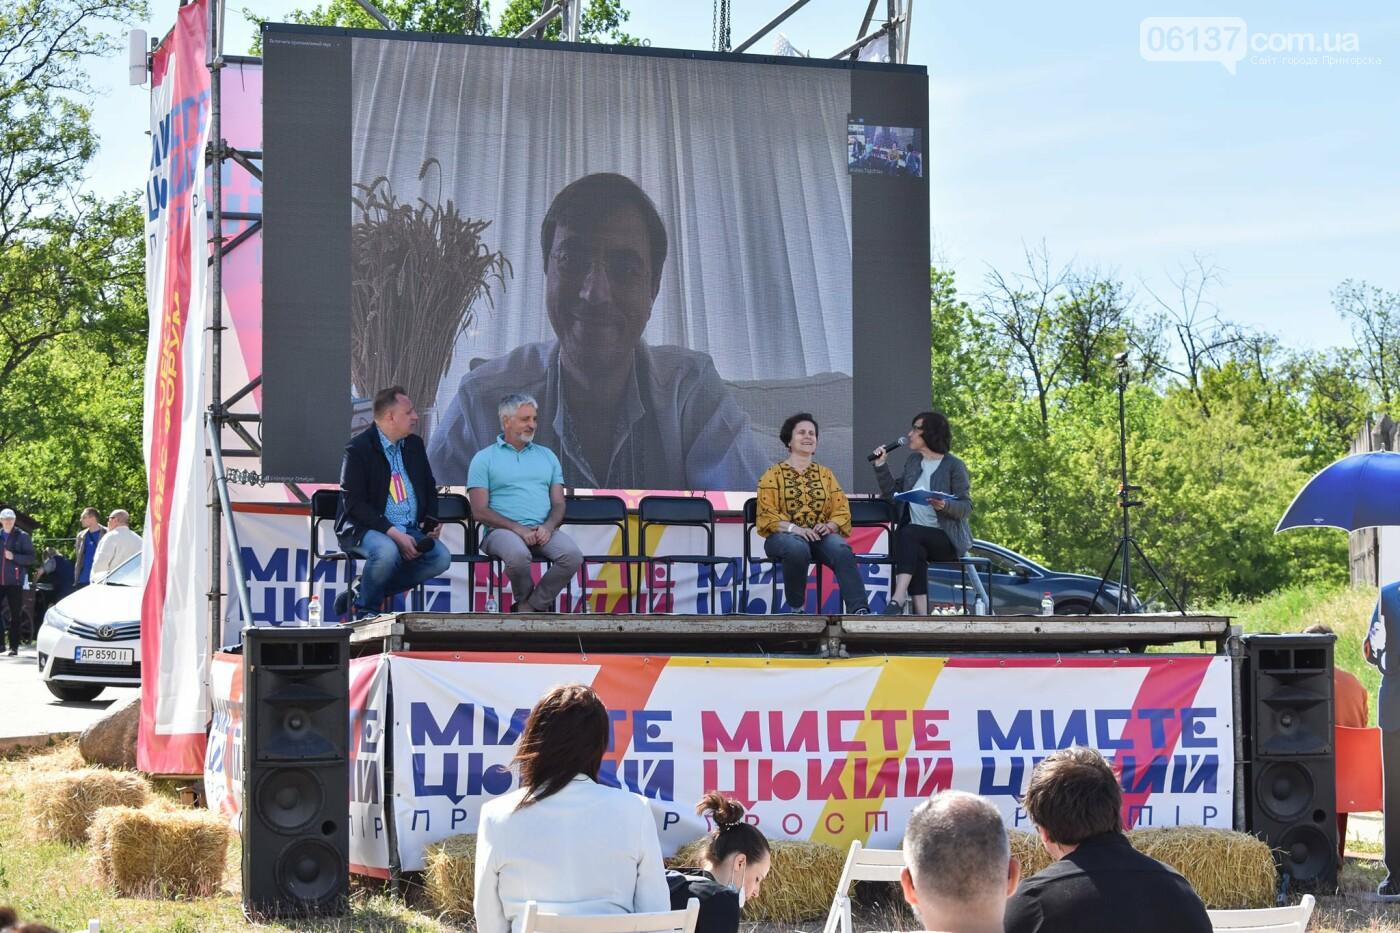 Запоріжжя на два дні стало культурною столицею України. Фото/Відео, фото-2